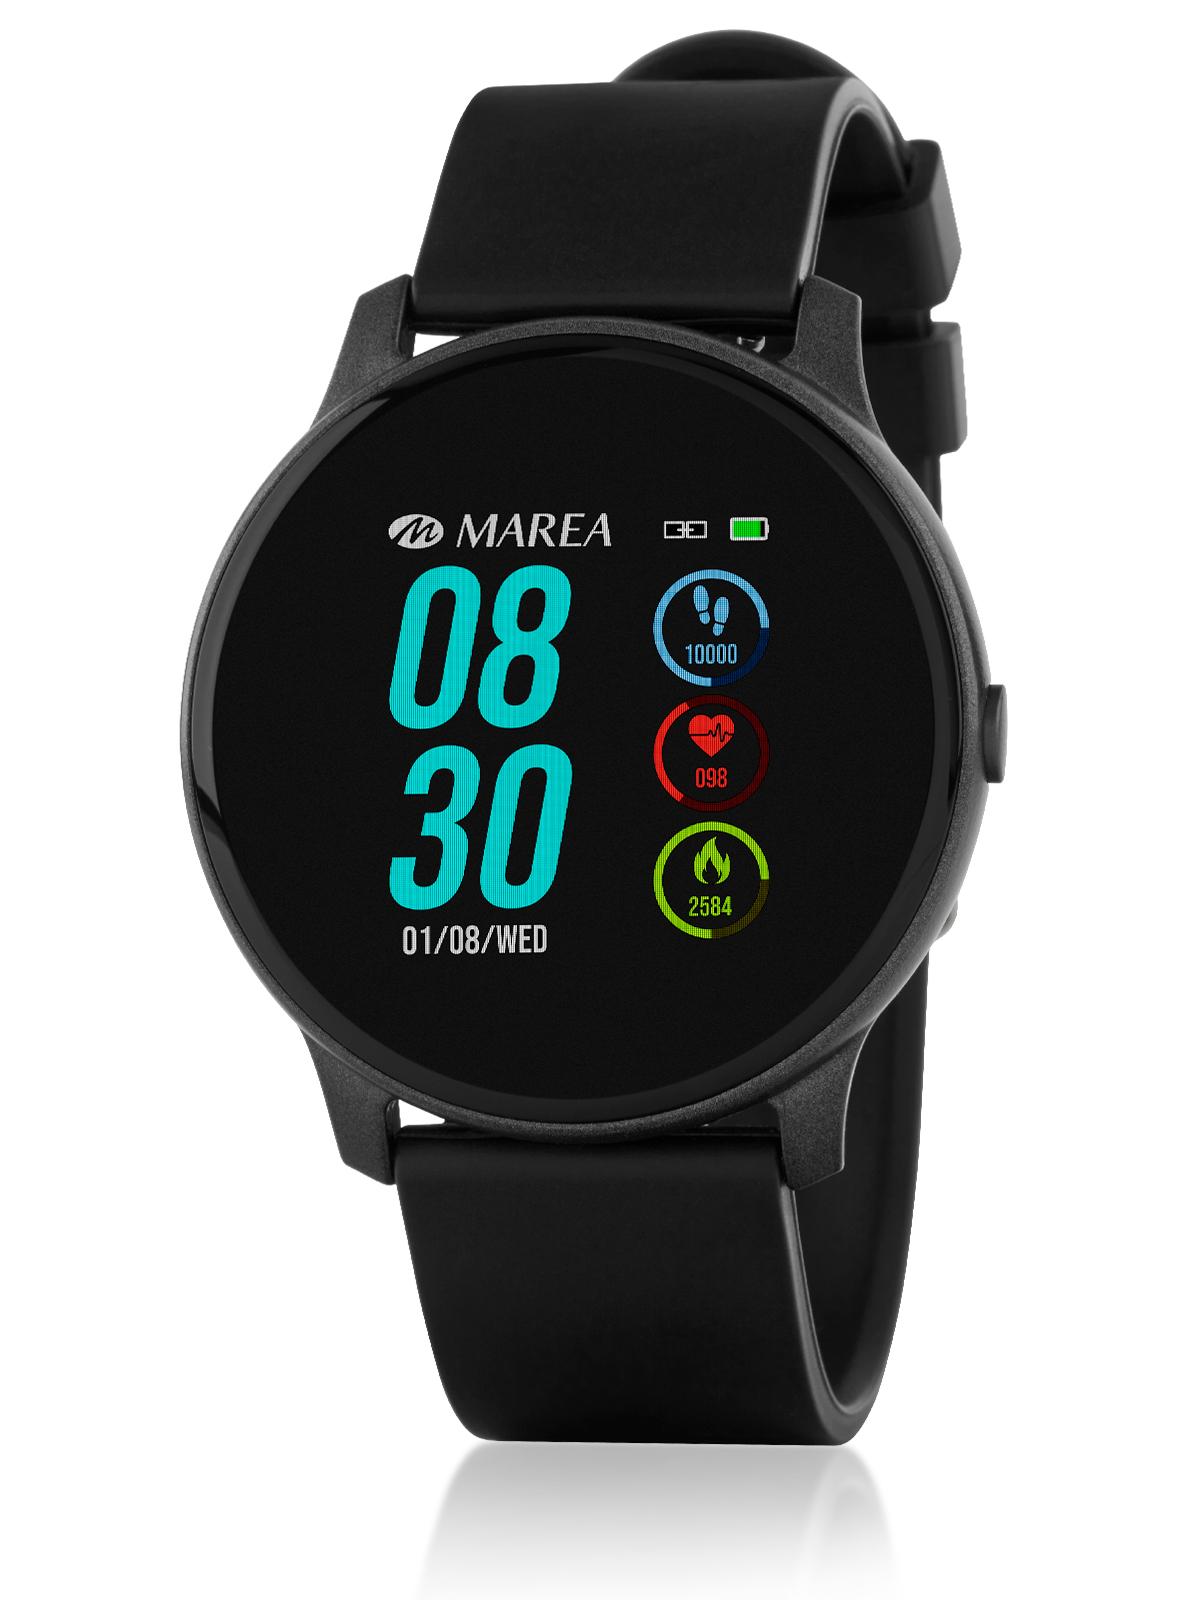 Reloj Marea Smartwatch Negro B59006/1 Reloj Marea Smartwatch Negro B59006/1. Cuenta con pantalla de 1.3 pulgadas una batería de 140 mAh lo que viene a suponer una duración de tres días de uso y el Diámetro de la caja es de 44.5 pulgadas. Material de la caja de plástico y catalogación de resistencia al agua IP67. Material de la correa Silicona. El reloj te ofrece la posibilidad de establecer meta de pasos, controlar la presión sanguínea, monitorear el sueño, la frecuencia cardiaca y el oxígeno en sangre. Recibe las notificaciones de redes sociales, email, llamadas, etc. También puedes controlar la música y la cámara del móvil de forma remota. Posee modo deporte, recordatorio sedentario y la opción de encontrar el reloj. Para más información, guía de uso y configuración de la aplicación pinche AQUÍ